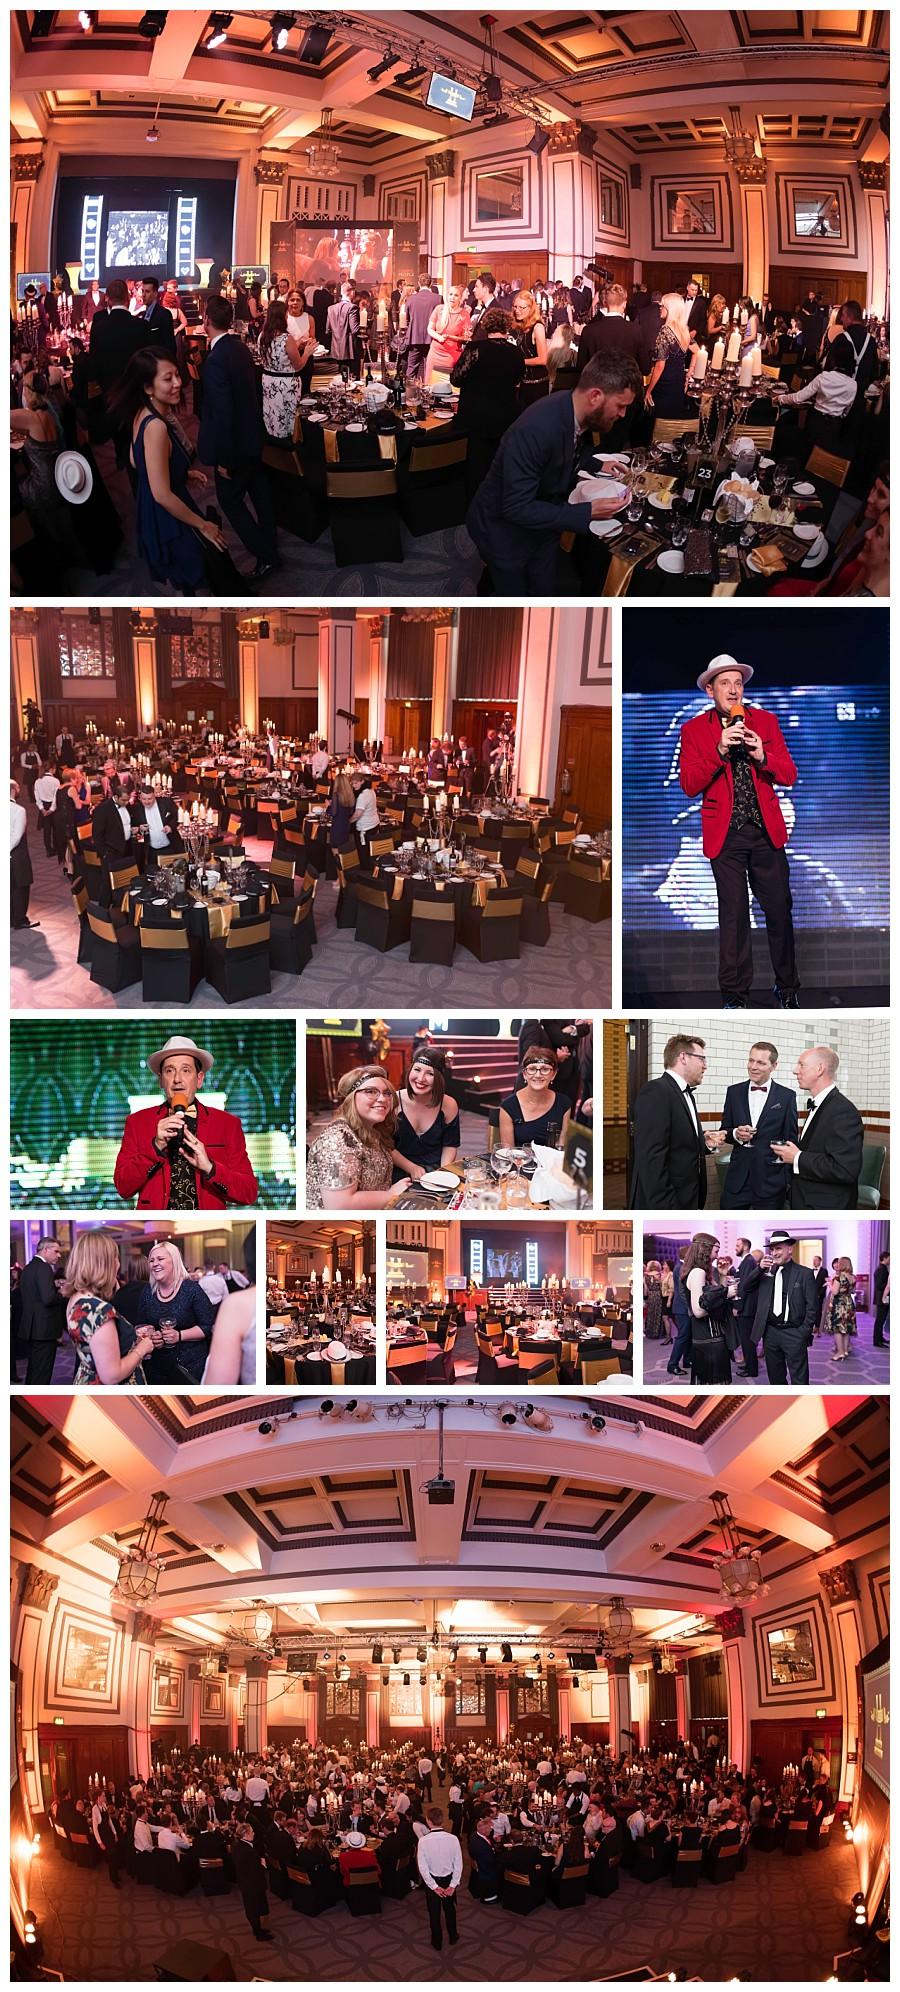 wedding reception ballroom Principal Manchester hotel, event photography ballroom Principal hotel Manchester